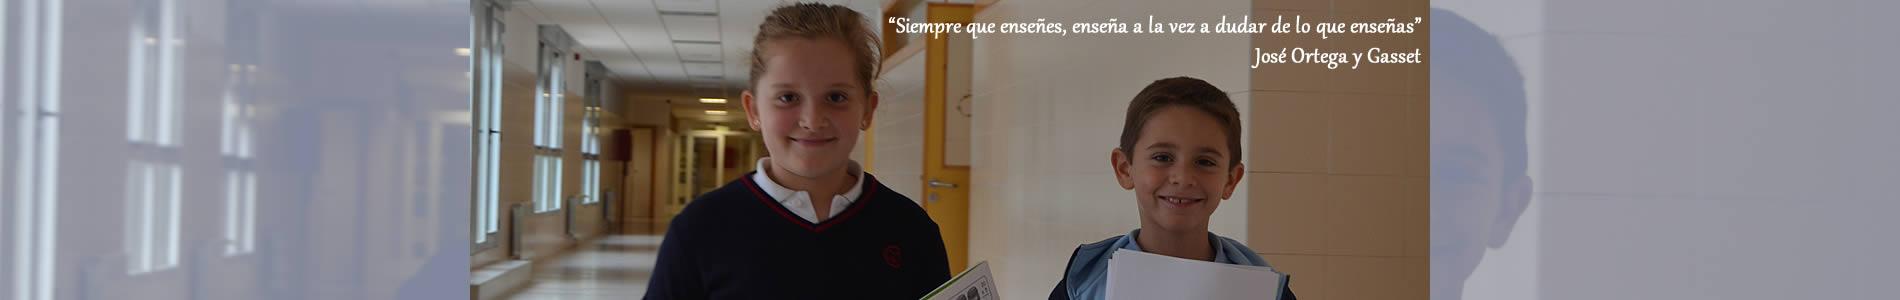 COLEGIO MAYOL - COLEGIO INTERNADO - EDUCACIÓN INFANTIL GUARDERIA IX